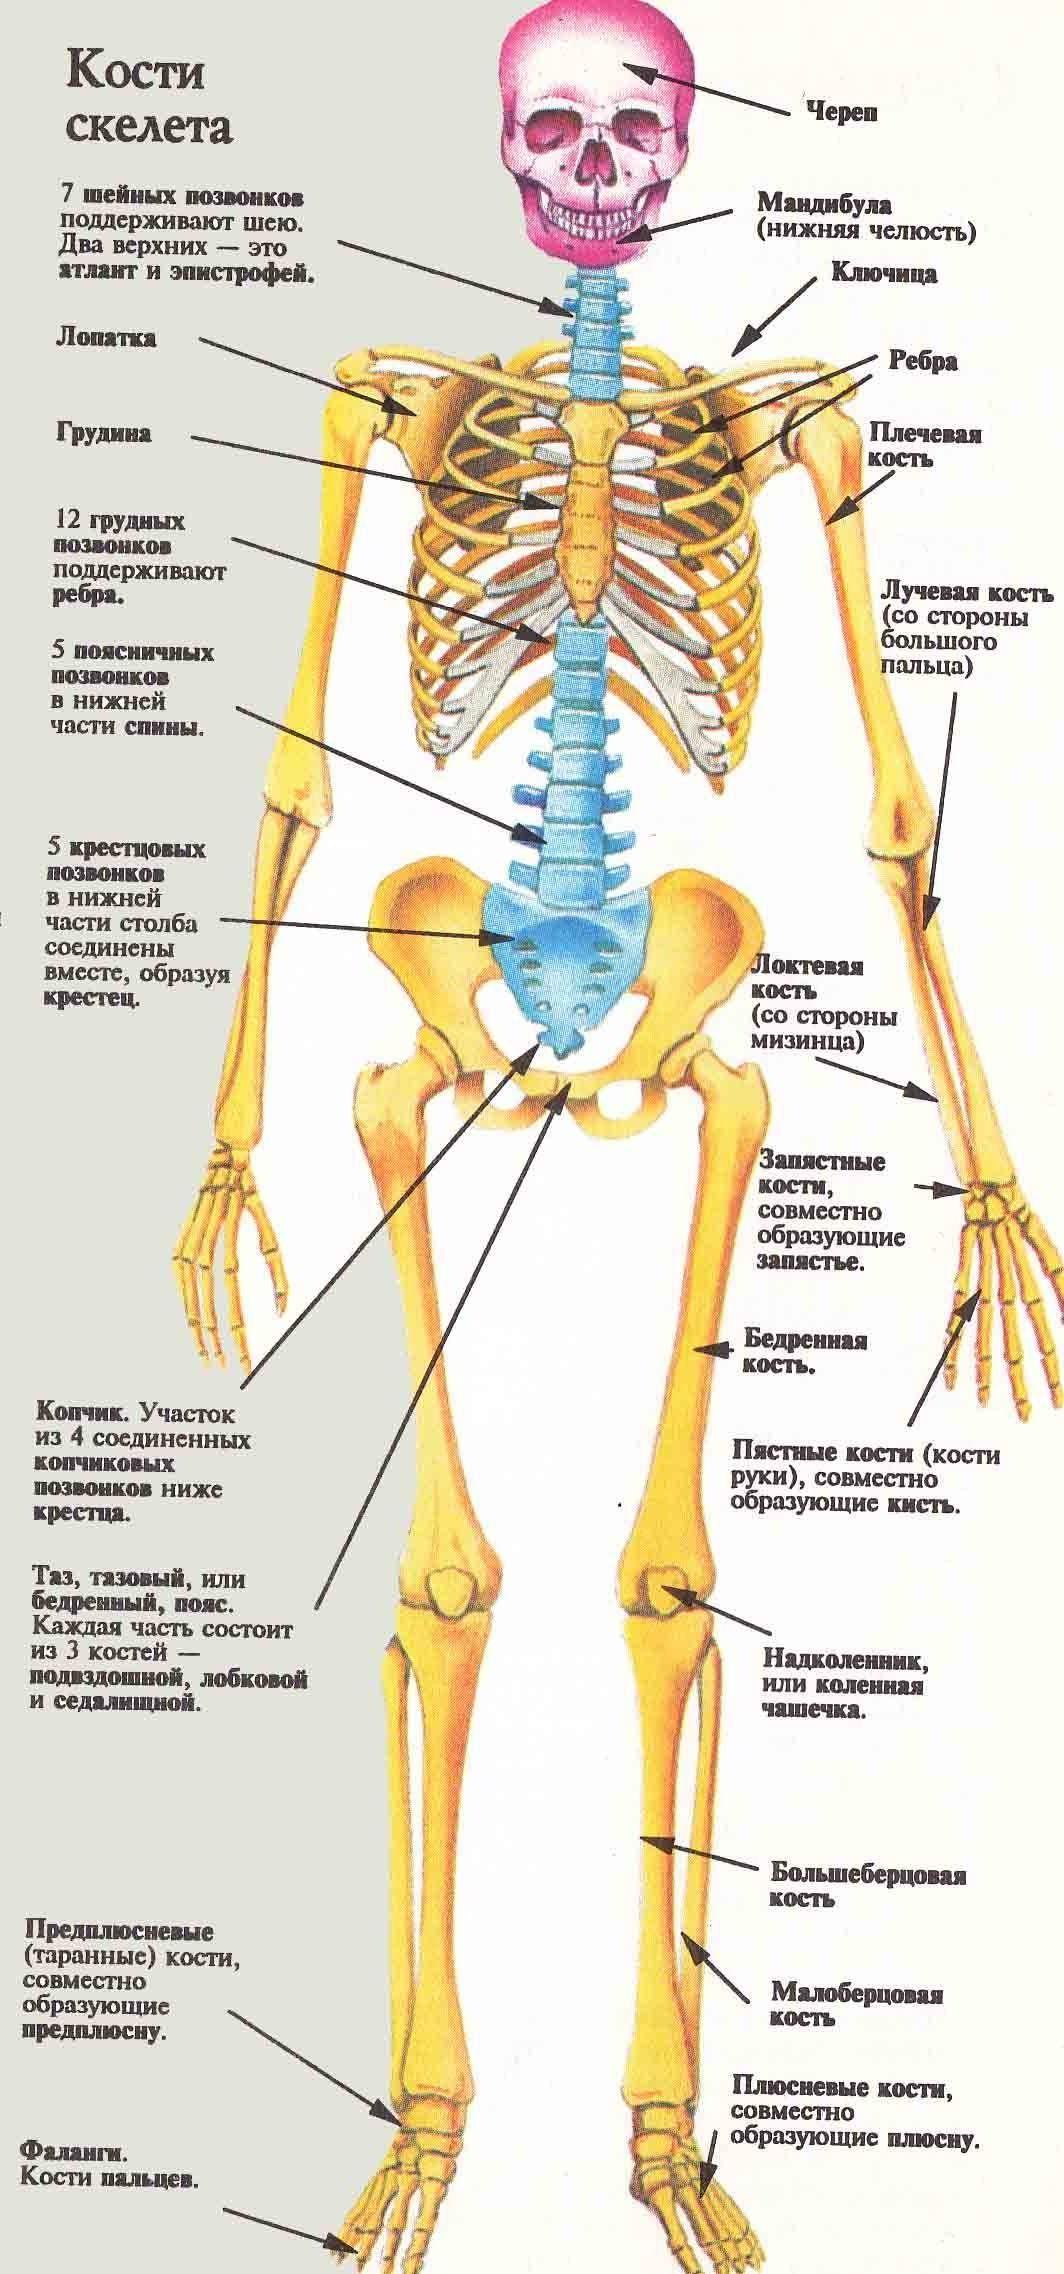 скелет человека название костей вопли оргазмов